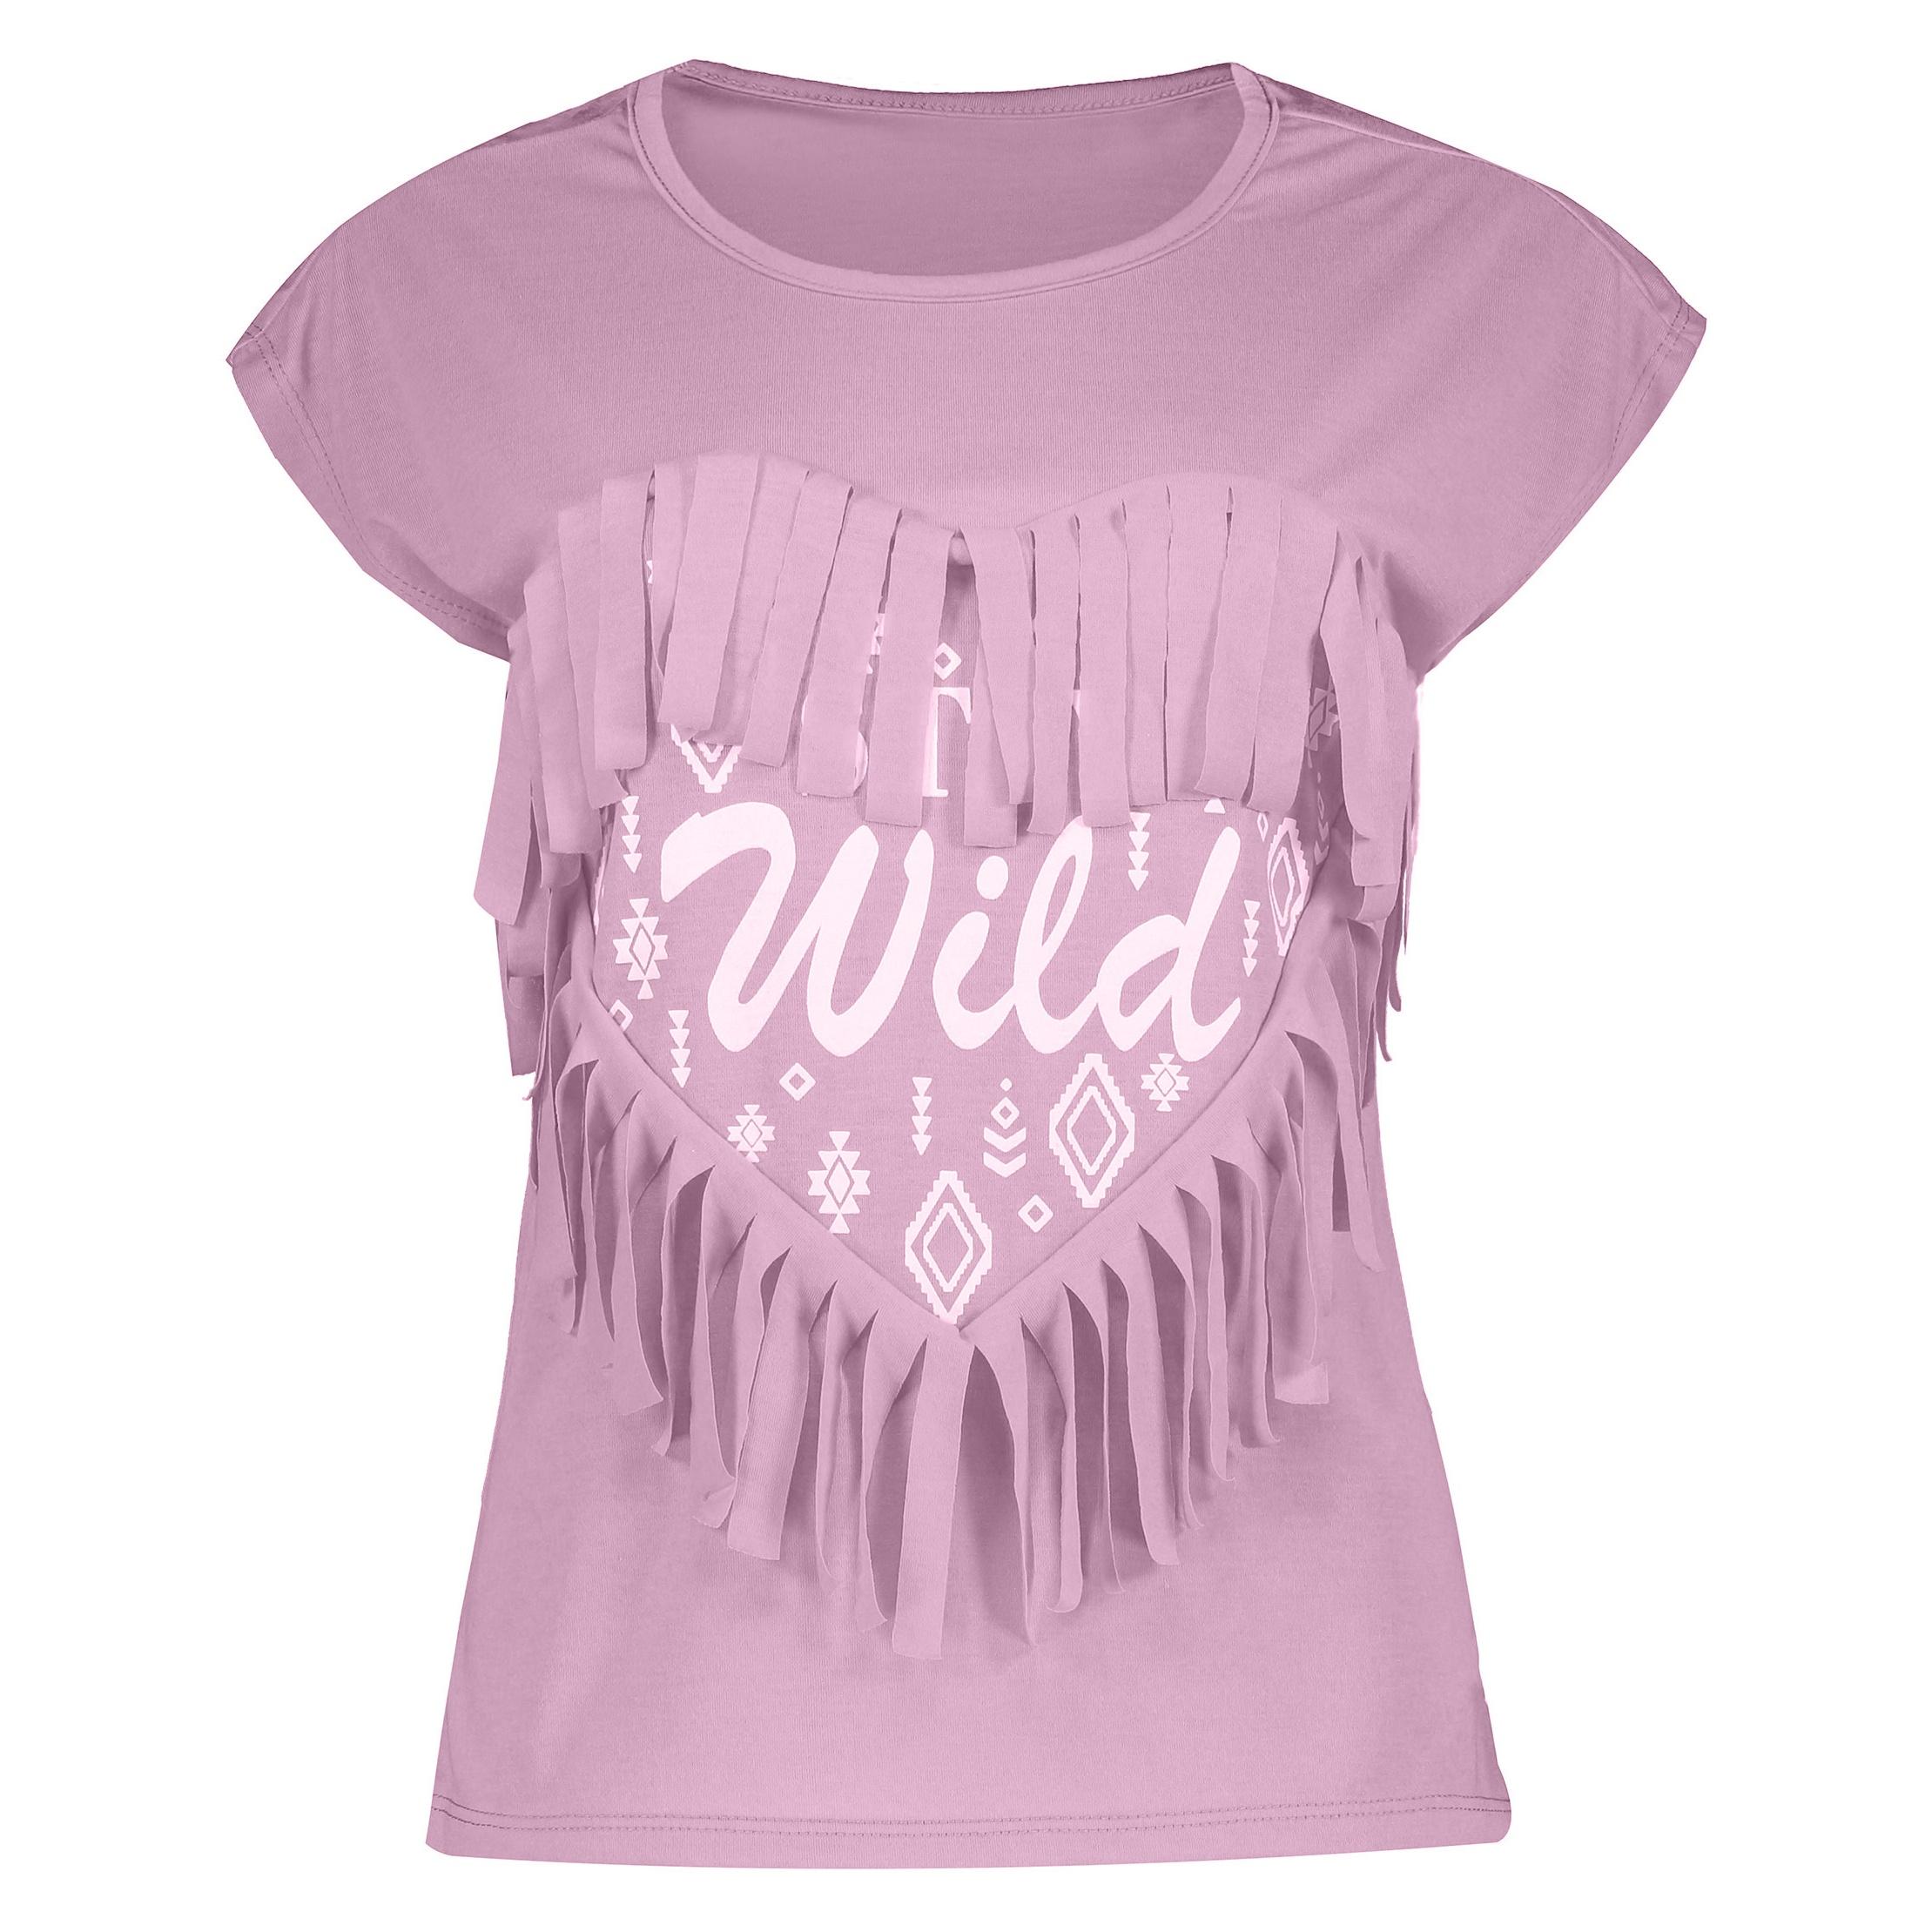 خرید تیشرت زنانه بنفش ارزان